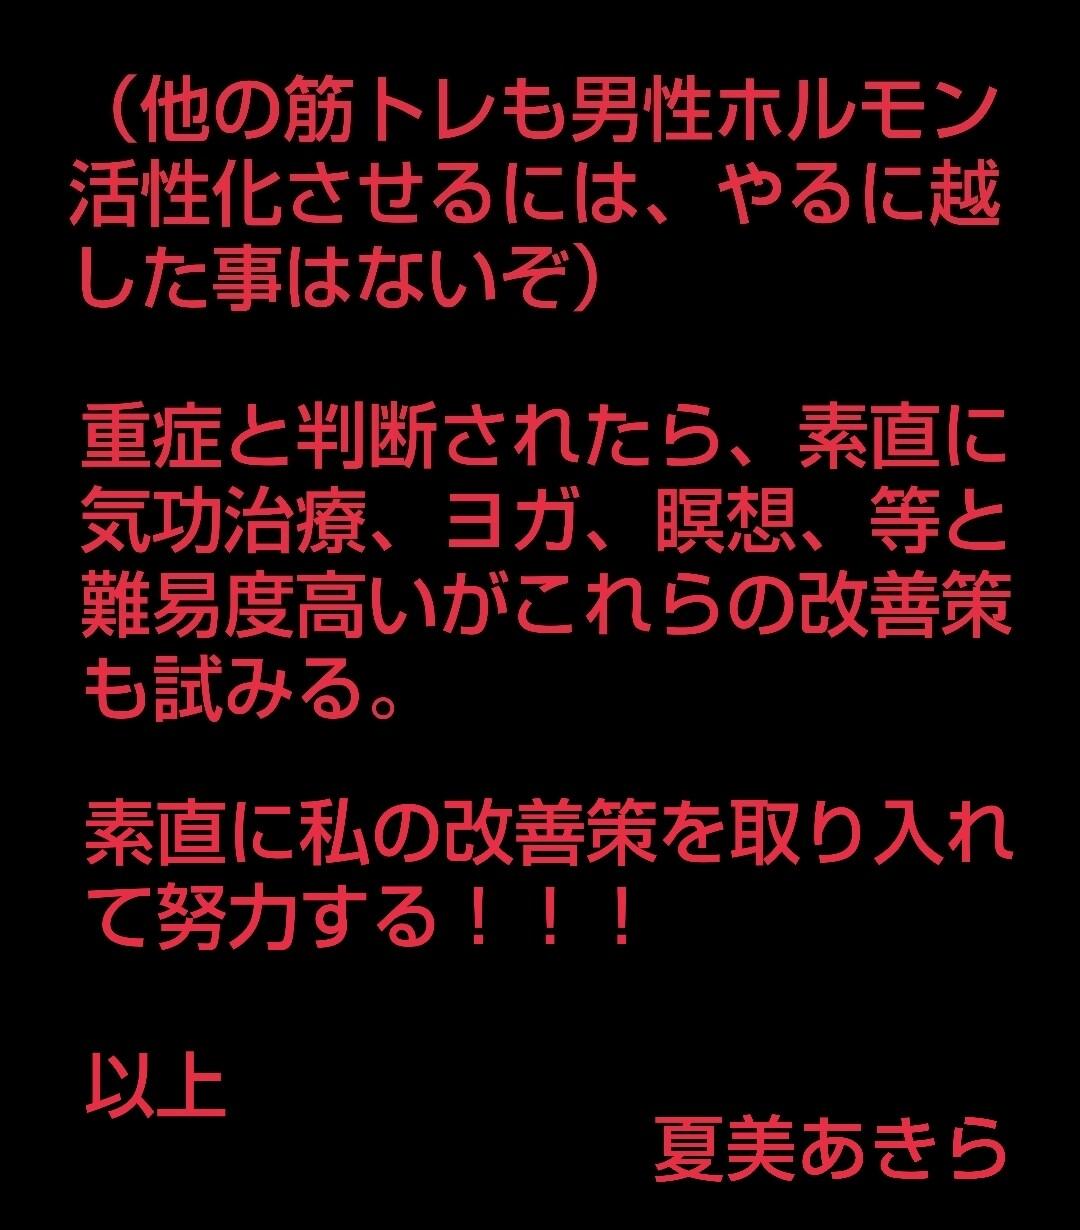 21-05-02-12-58-41-690_deco